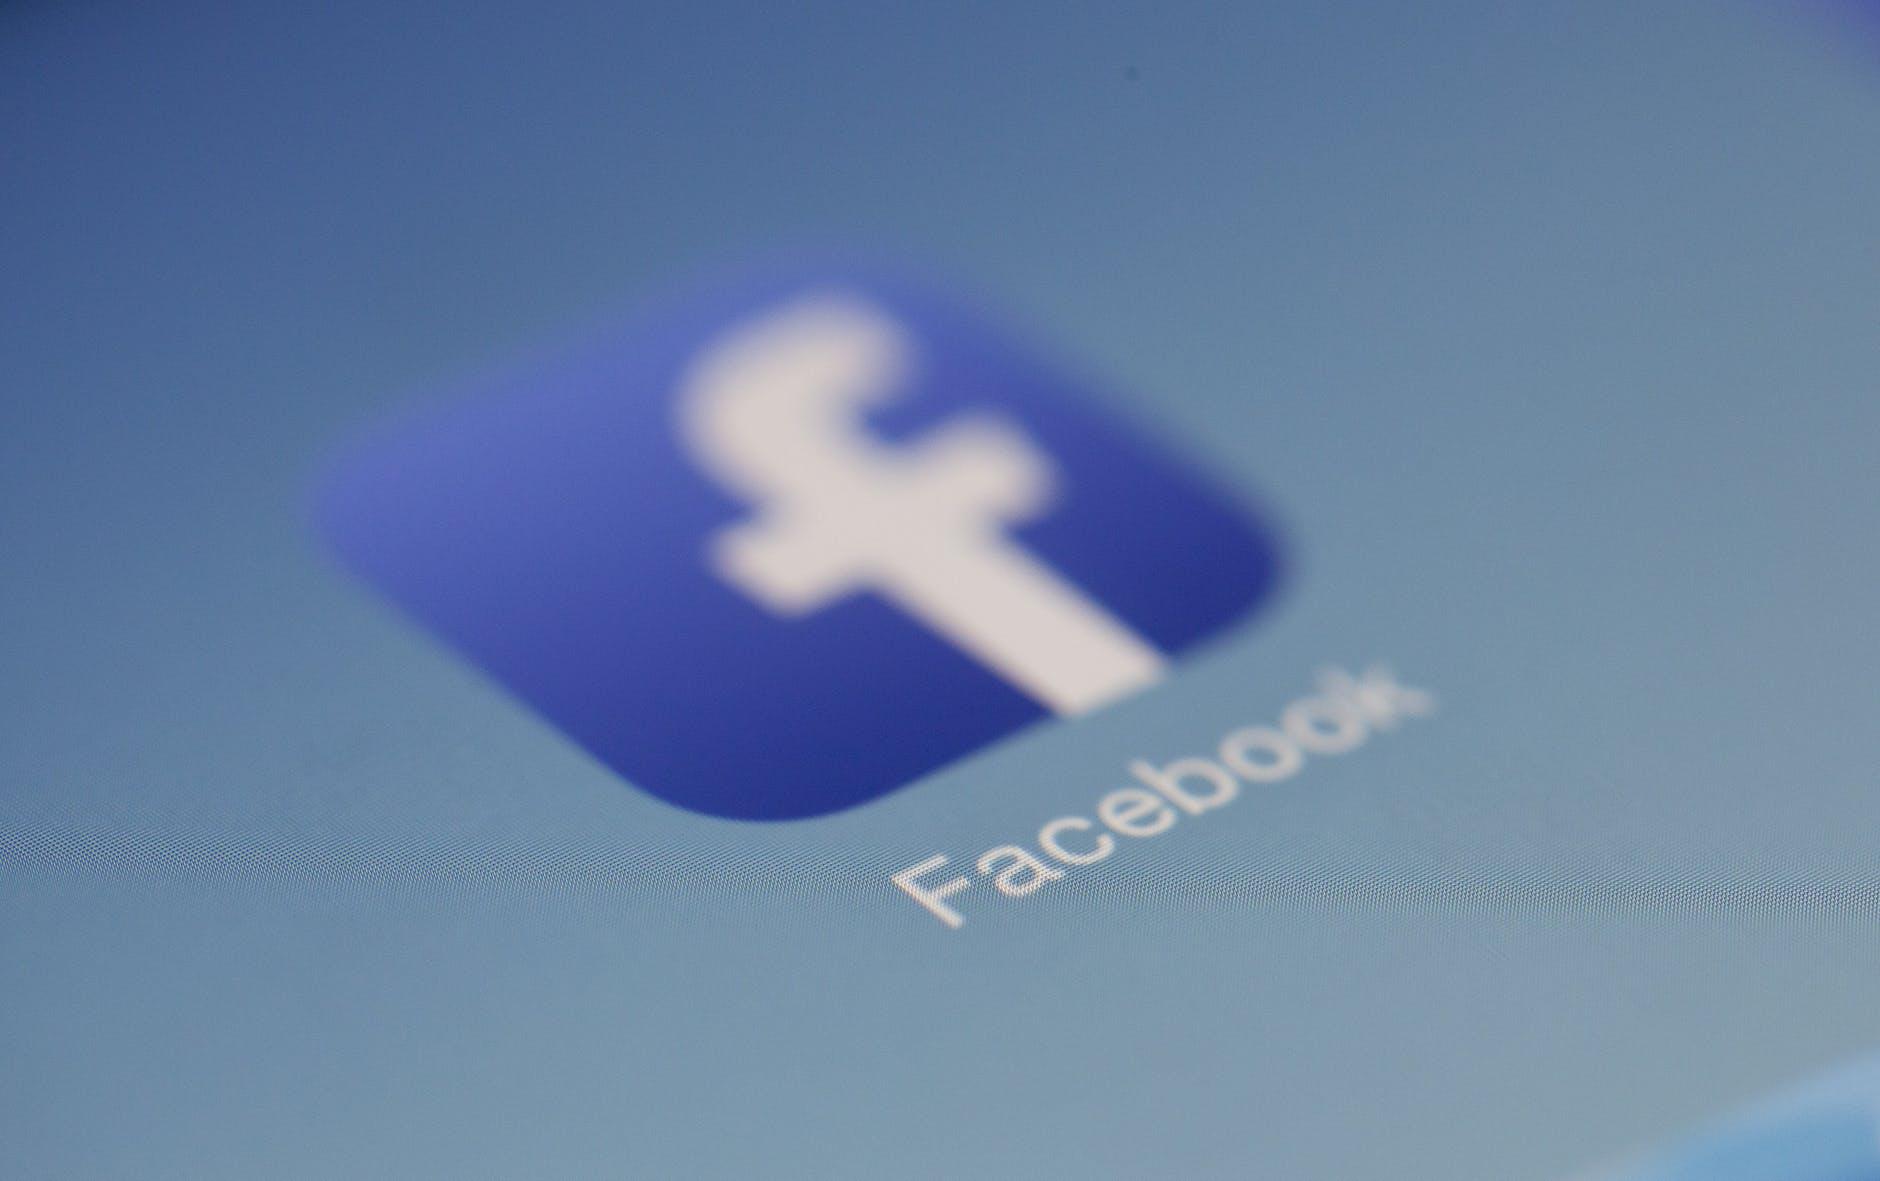 Facebook innhenter samtalehistorikk - nå blir det endringer